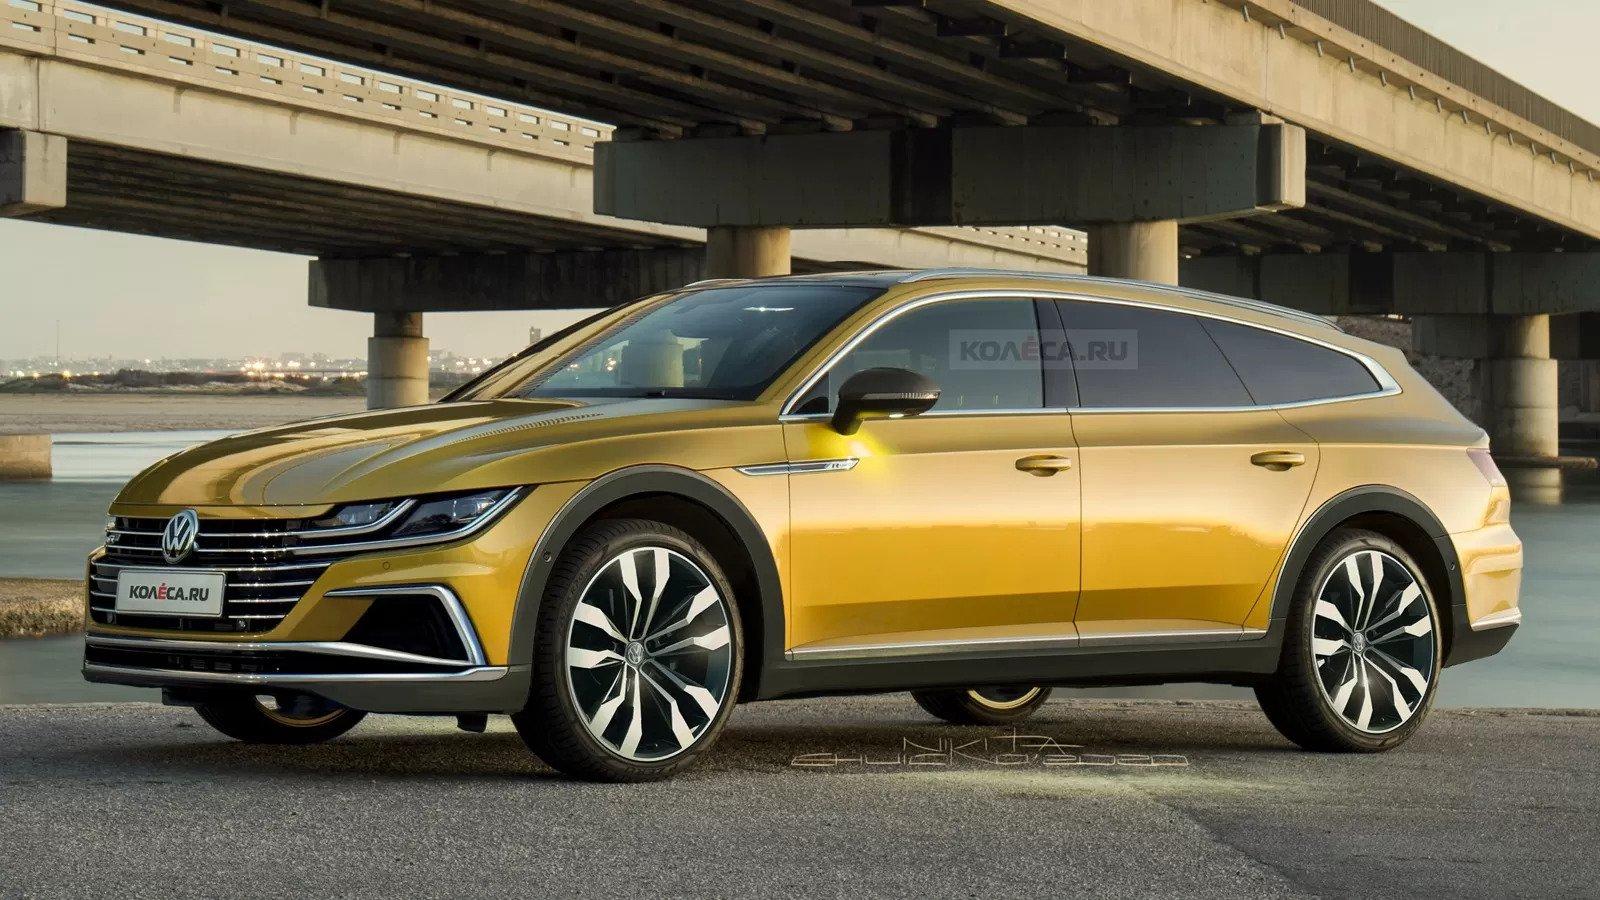 Nuova Volkswagen Arteon Wagon 2020, Rendering esclusivo